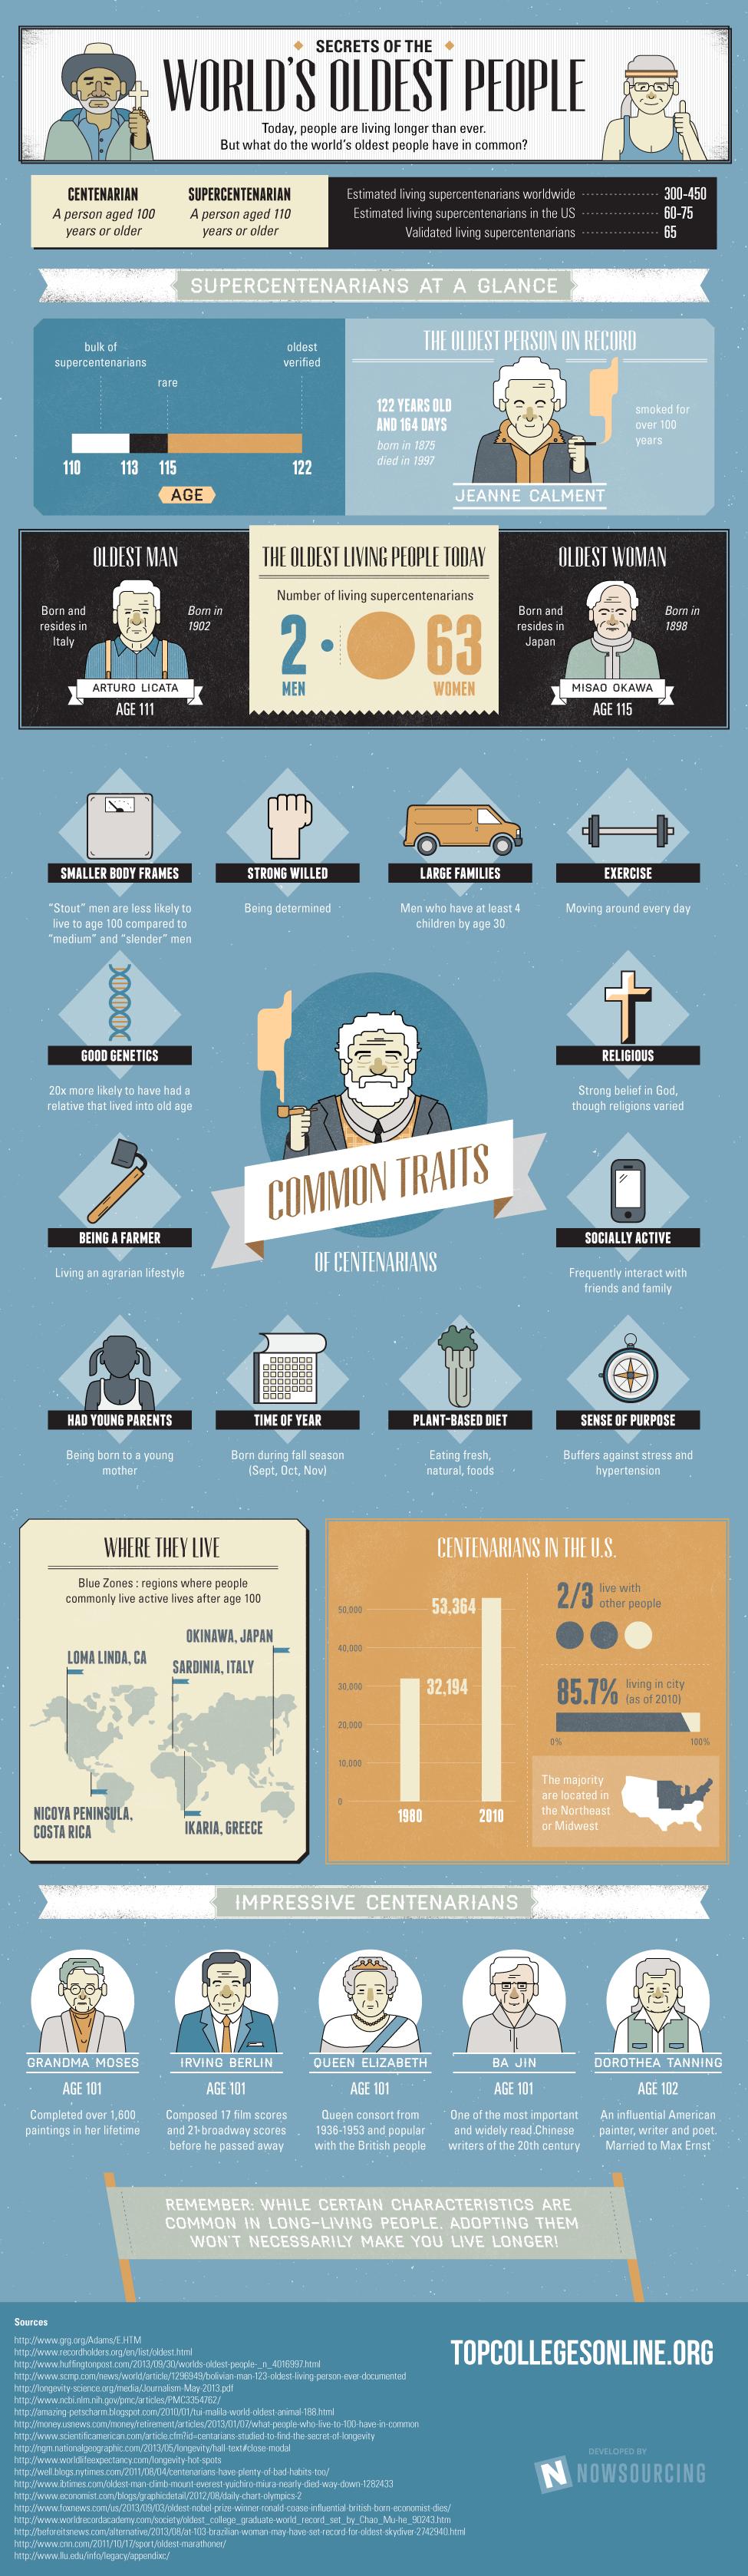 What Determines Longevity-Infographic